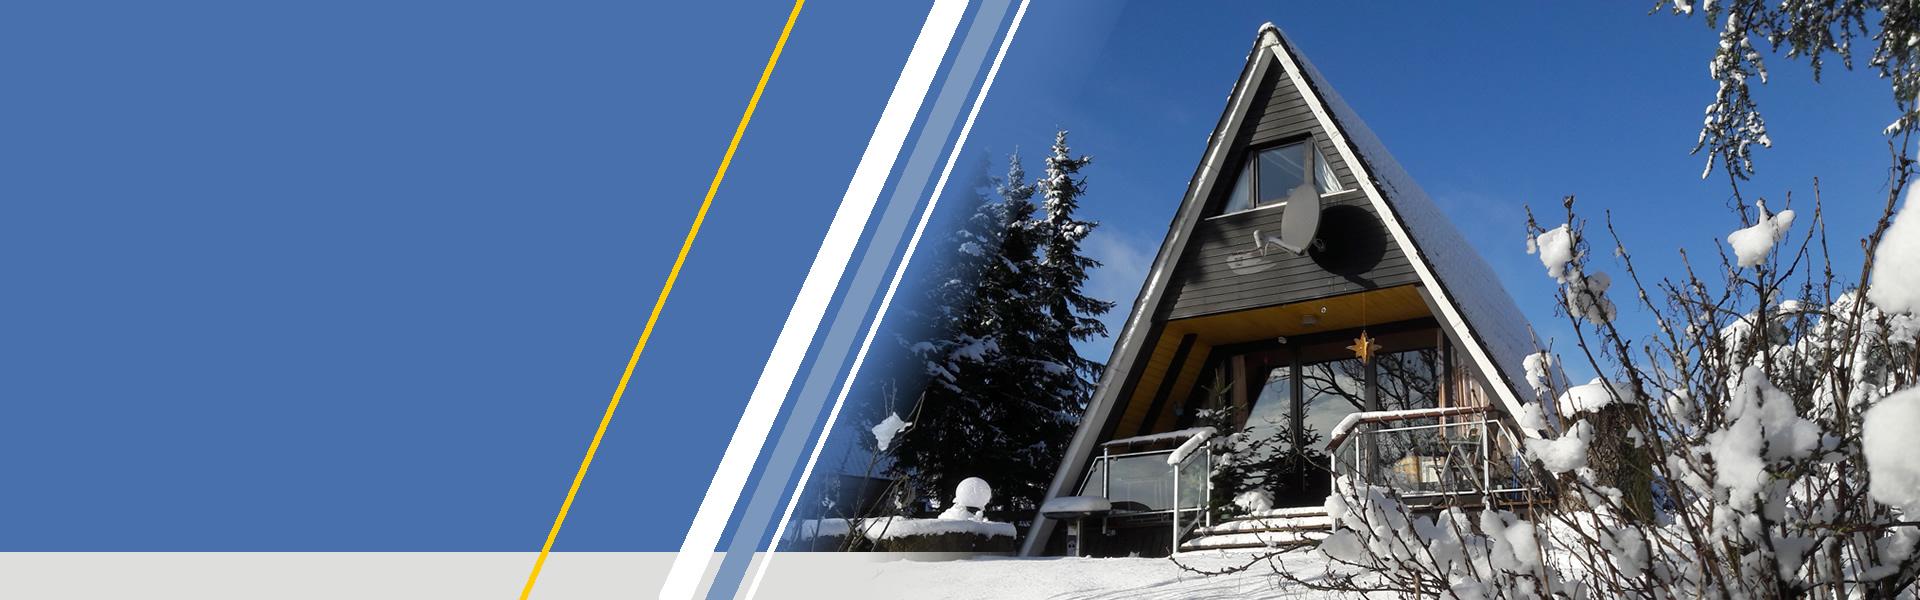 Unser neues Eifeler Finnhaus